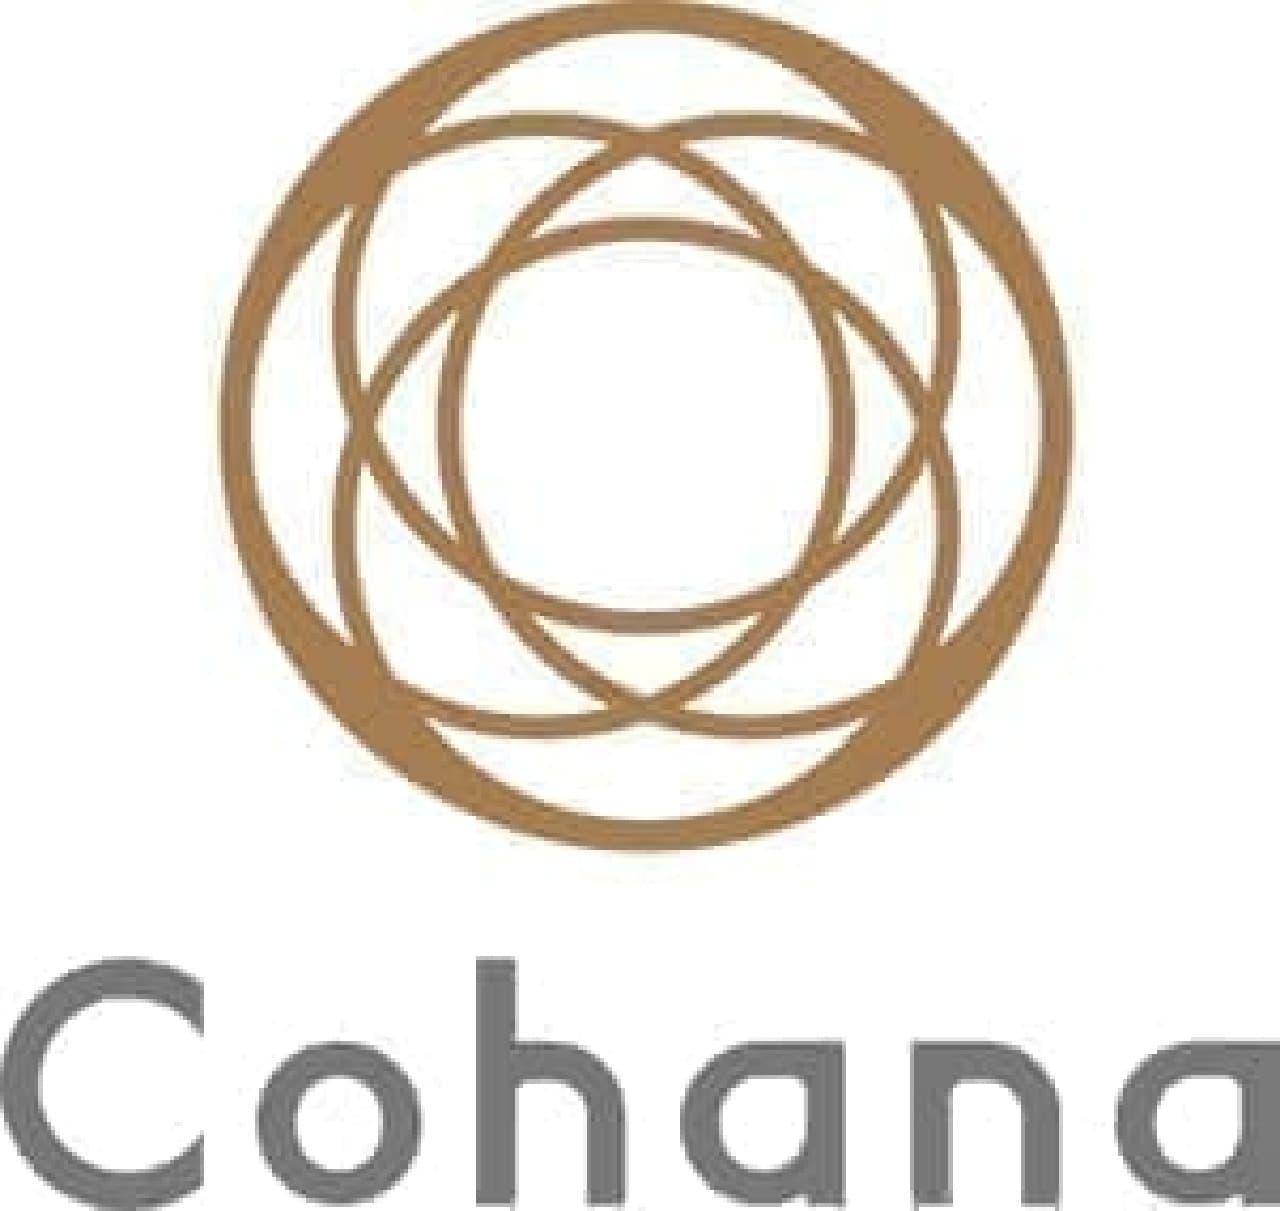 ハンドメイド道具ブランド『Cohana(コハナ)』2020冬季限定アイテム